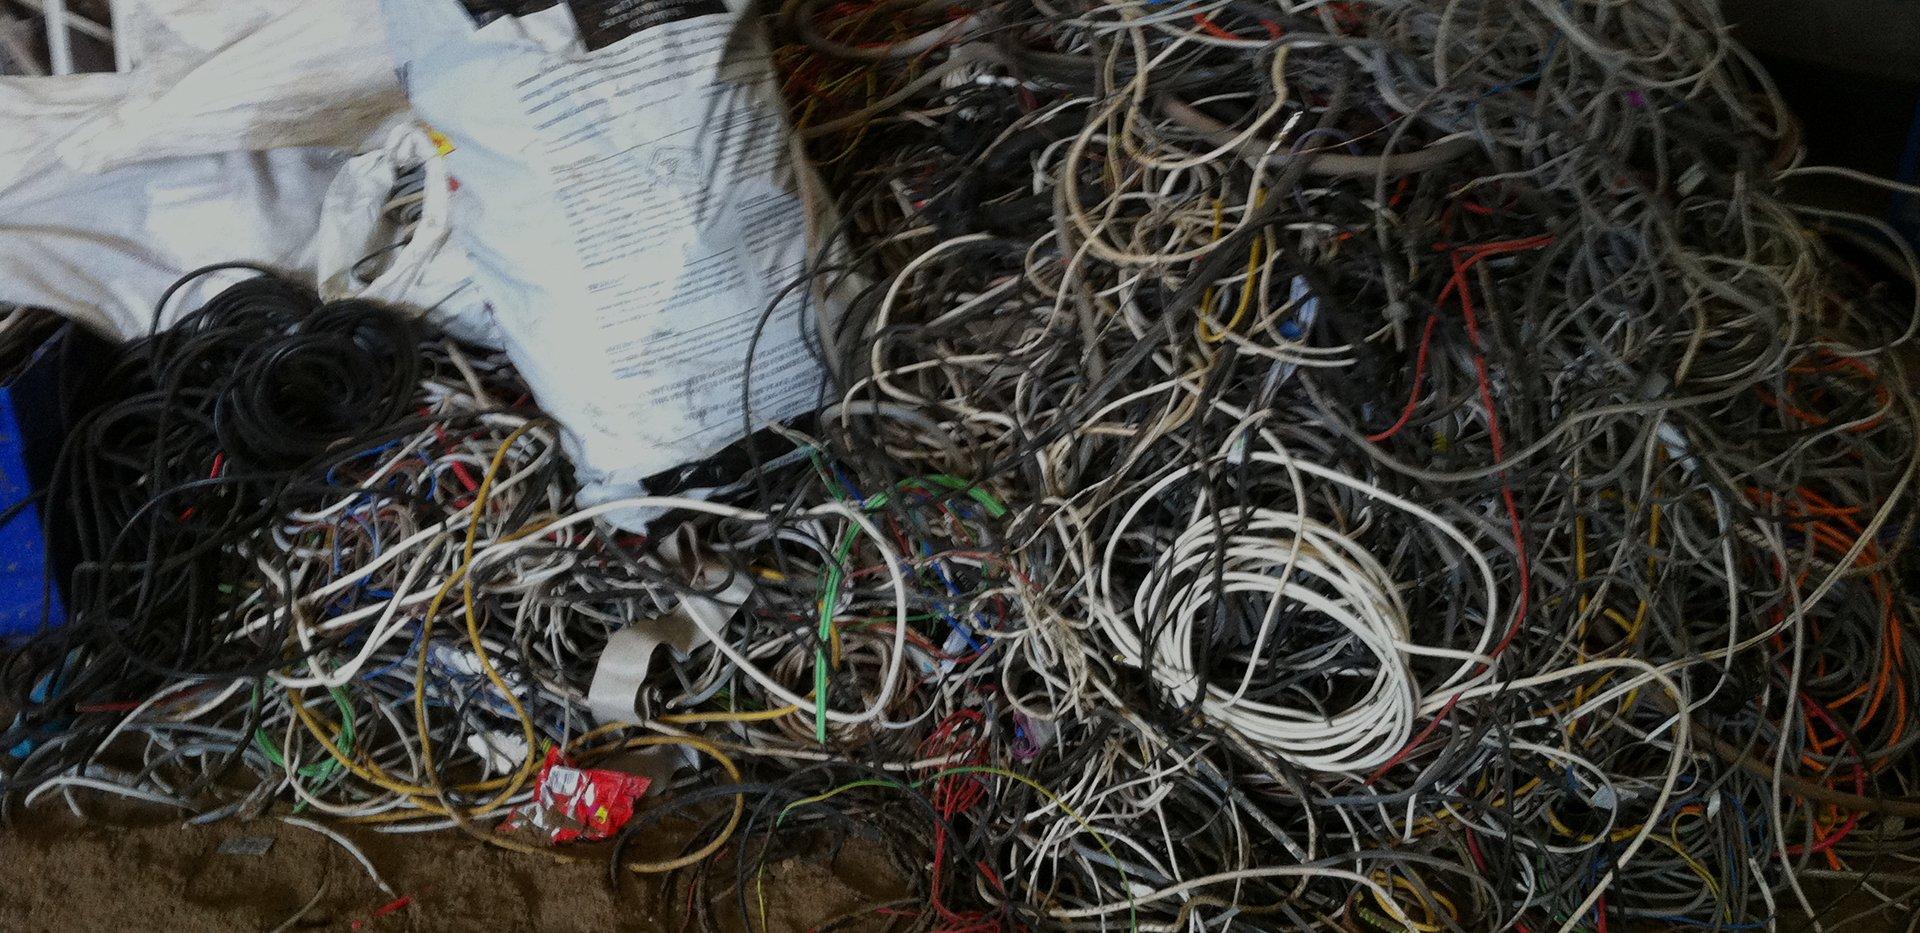 scarp junk